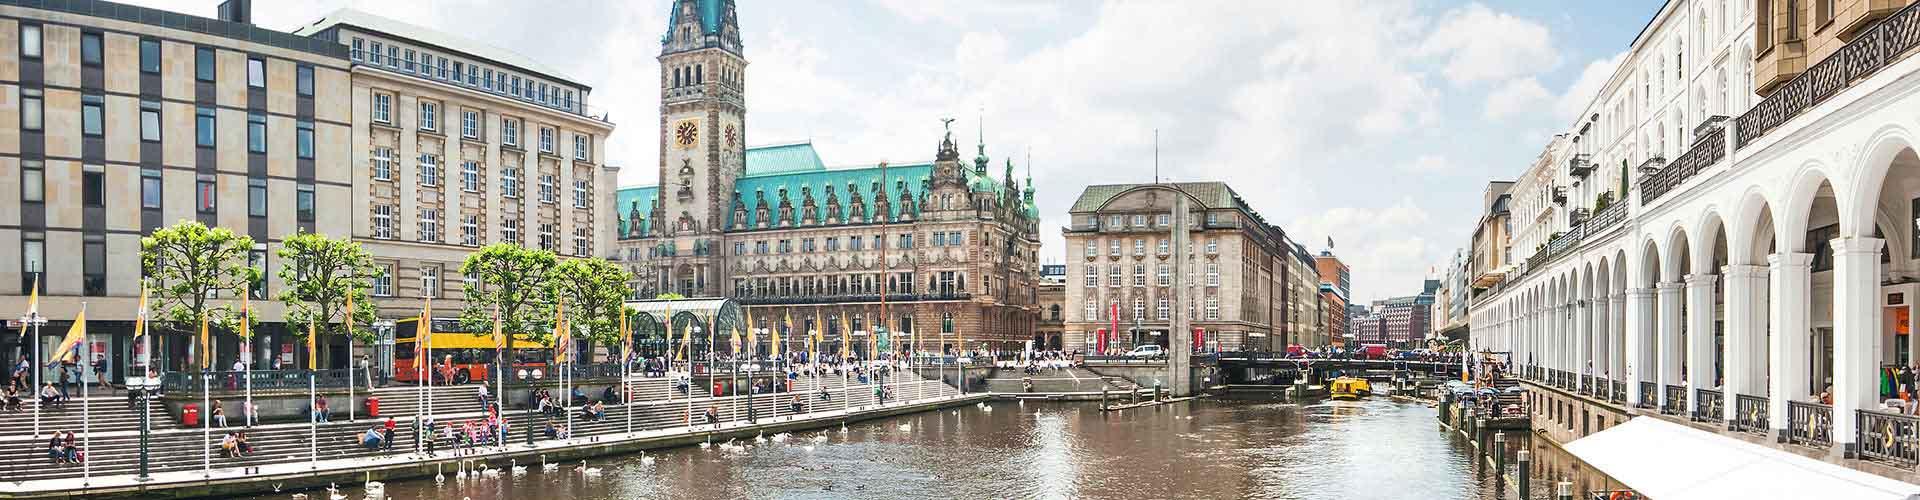 Hamburgo - Albergues baratos en Hamburgo. Mapas de Hamburgo, Fotos y Comentarios para cada hotel en Hamburgo.